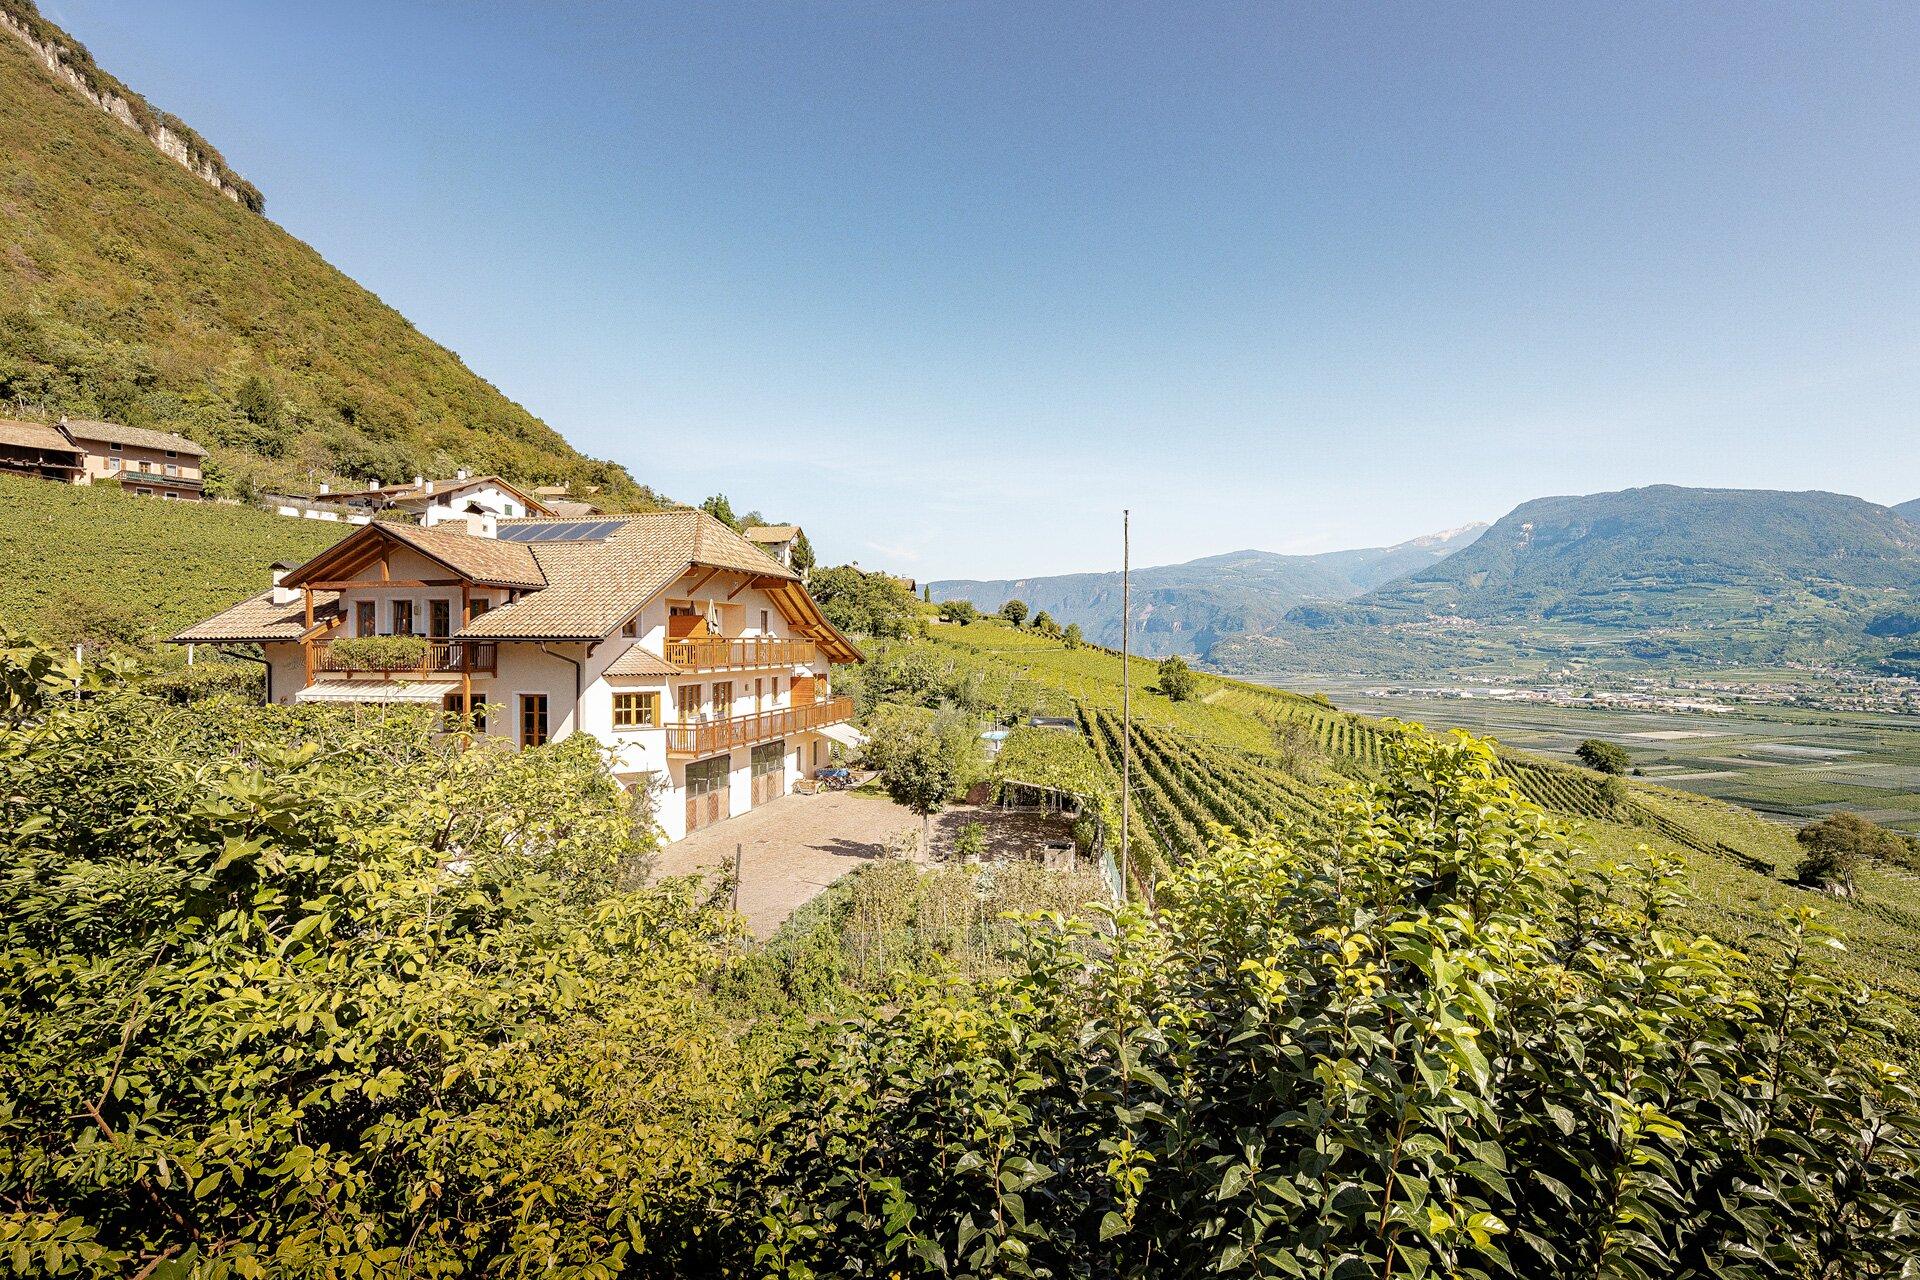 Inmitten von Weinreben und Bergen